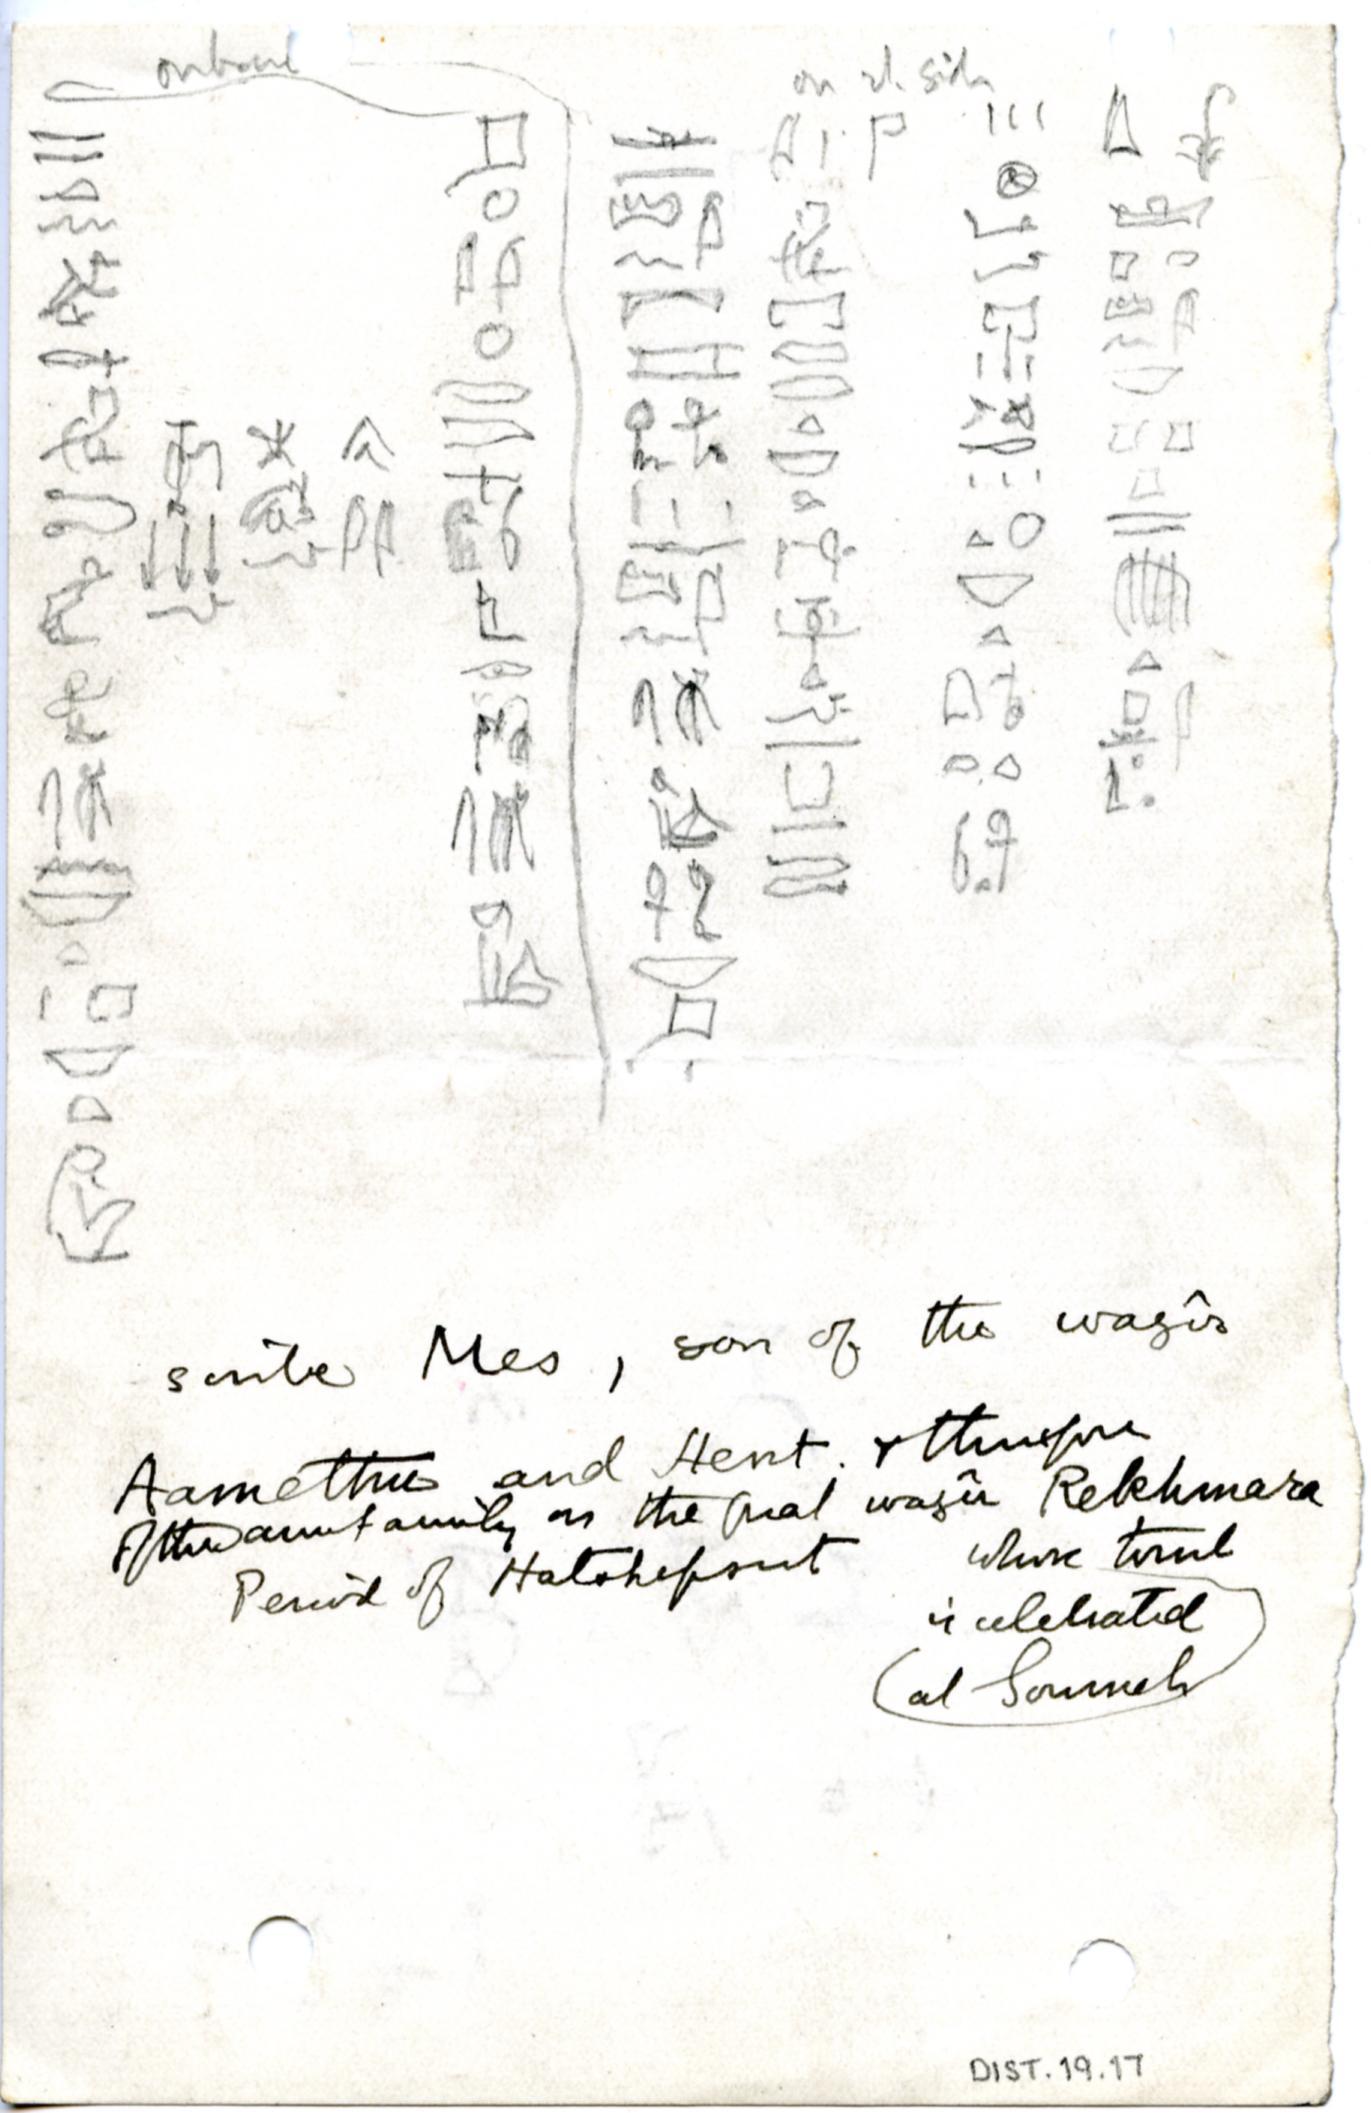 1899-1900, 1900-01 Abydos, 1900-01 el-Amra DIST.19.17a